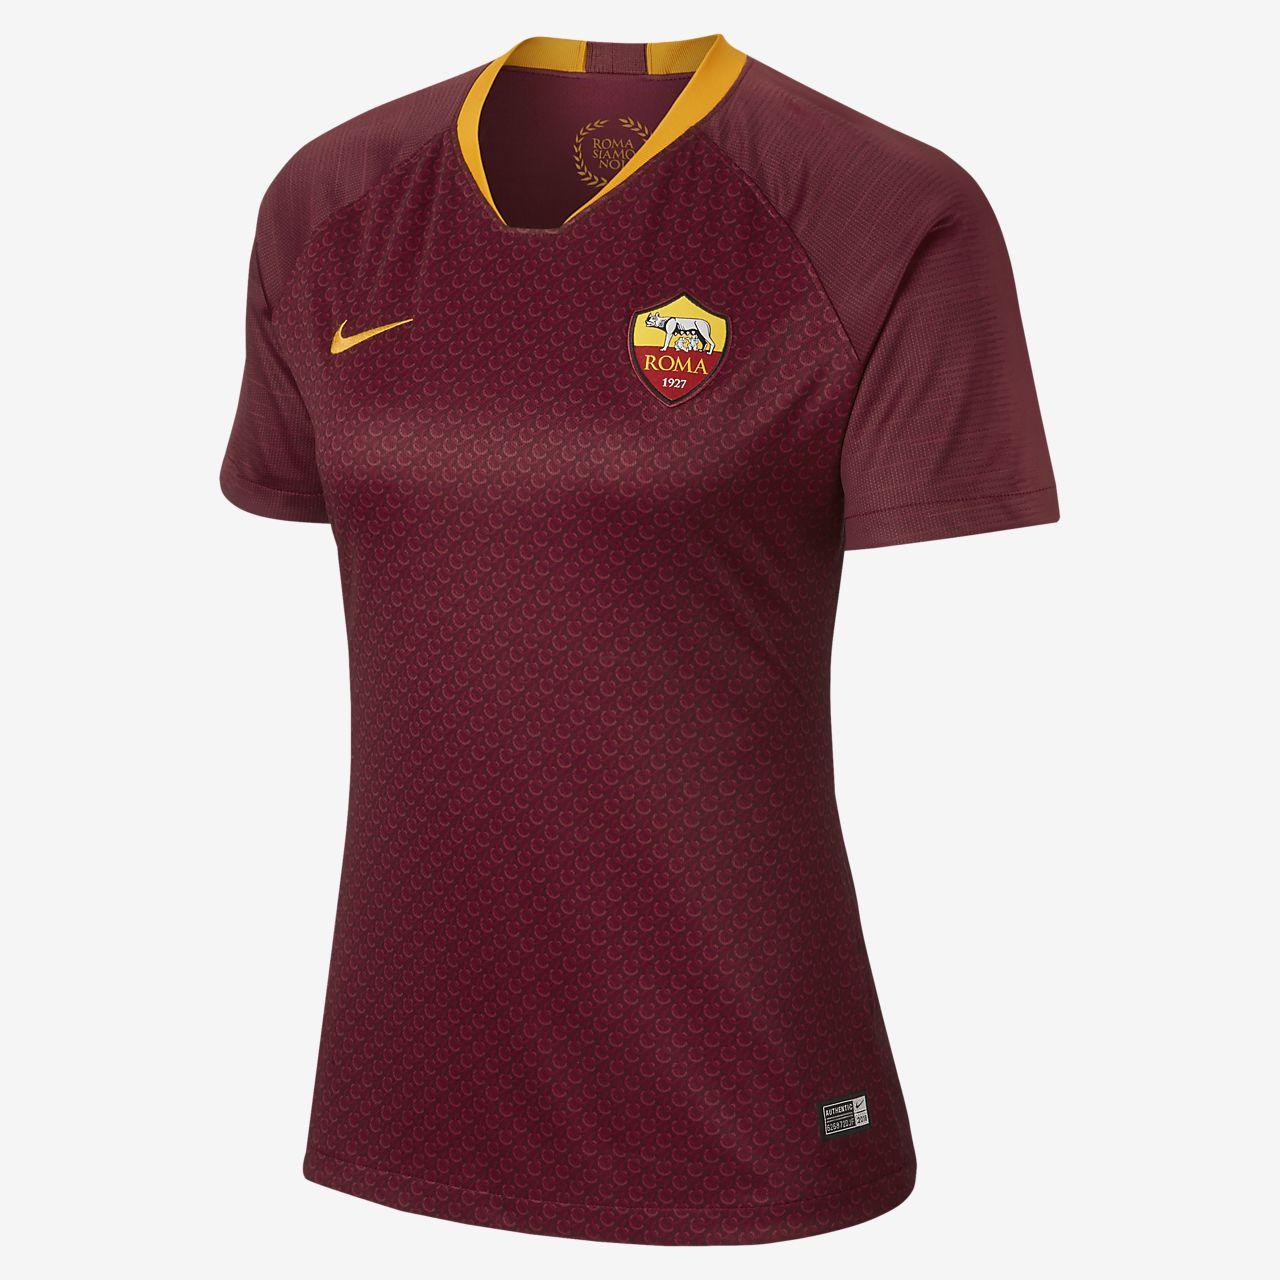 Γυναικεία ποδοσφαιρική φανέλα 2018/19 A.S. Roma Stadium Home